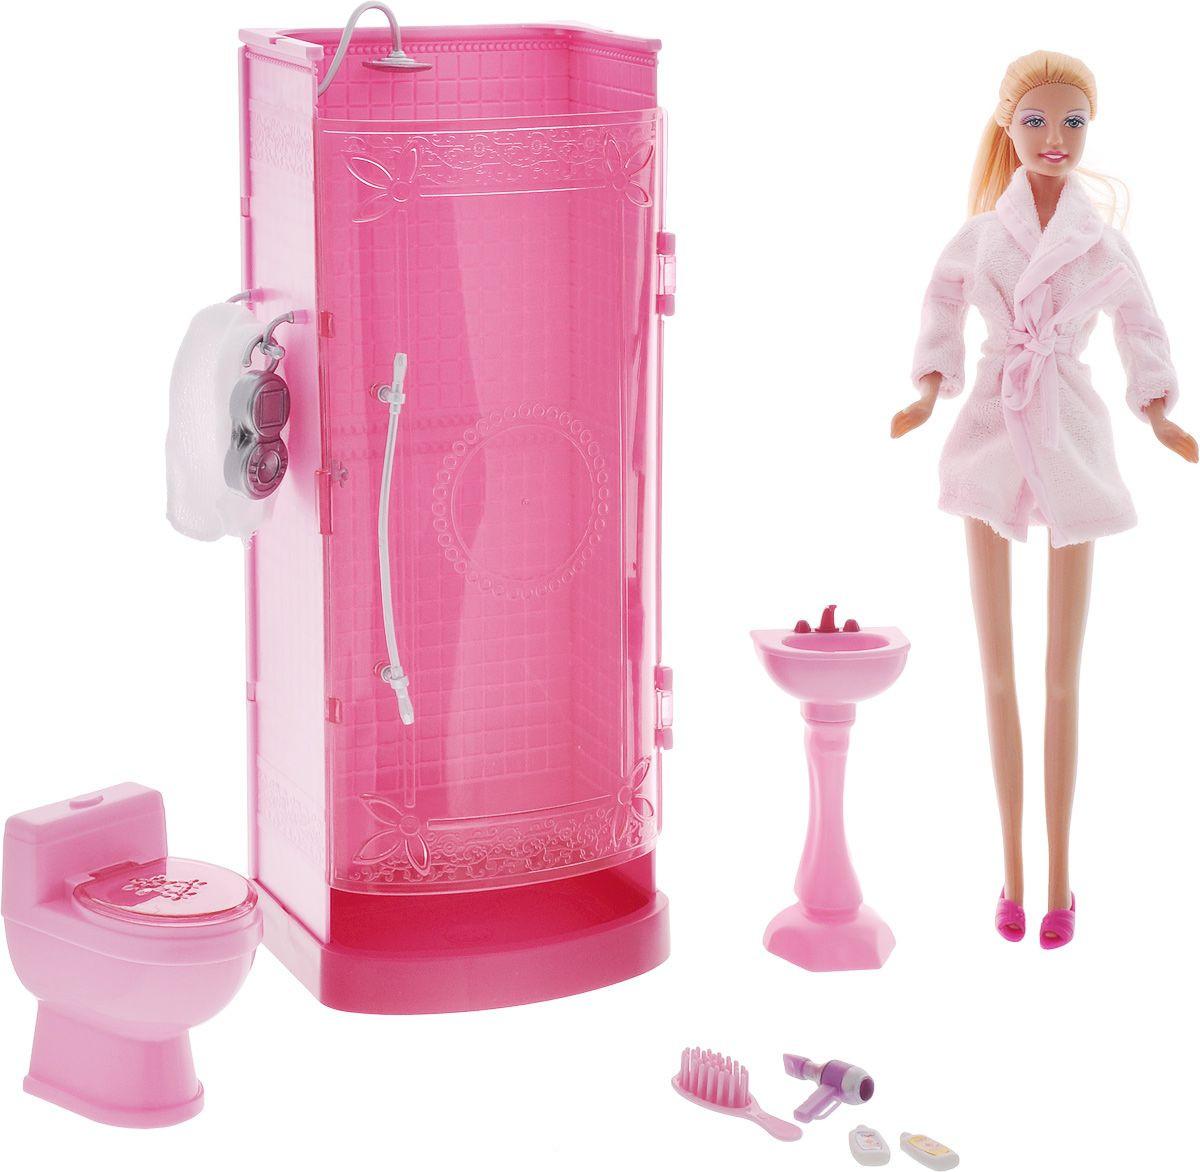 Купить Игровой набор - Ванная комната Люси, с куклой и аксессуарами, Defa Lucy